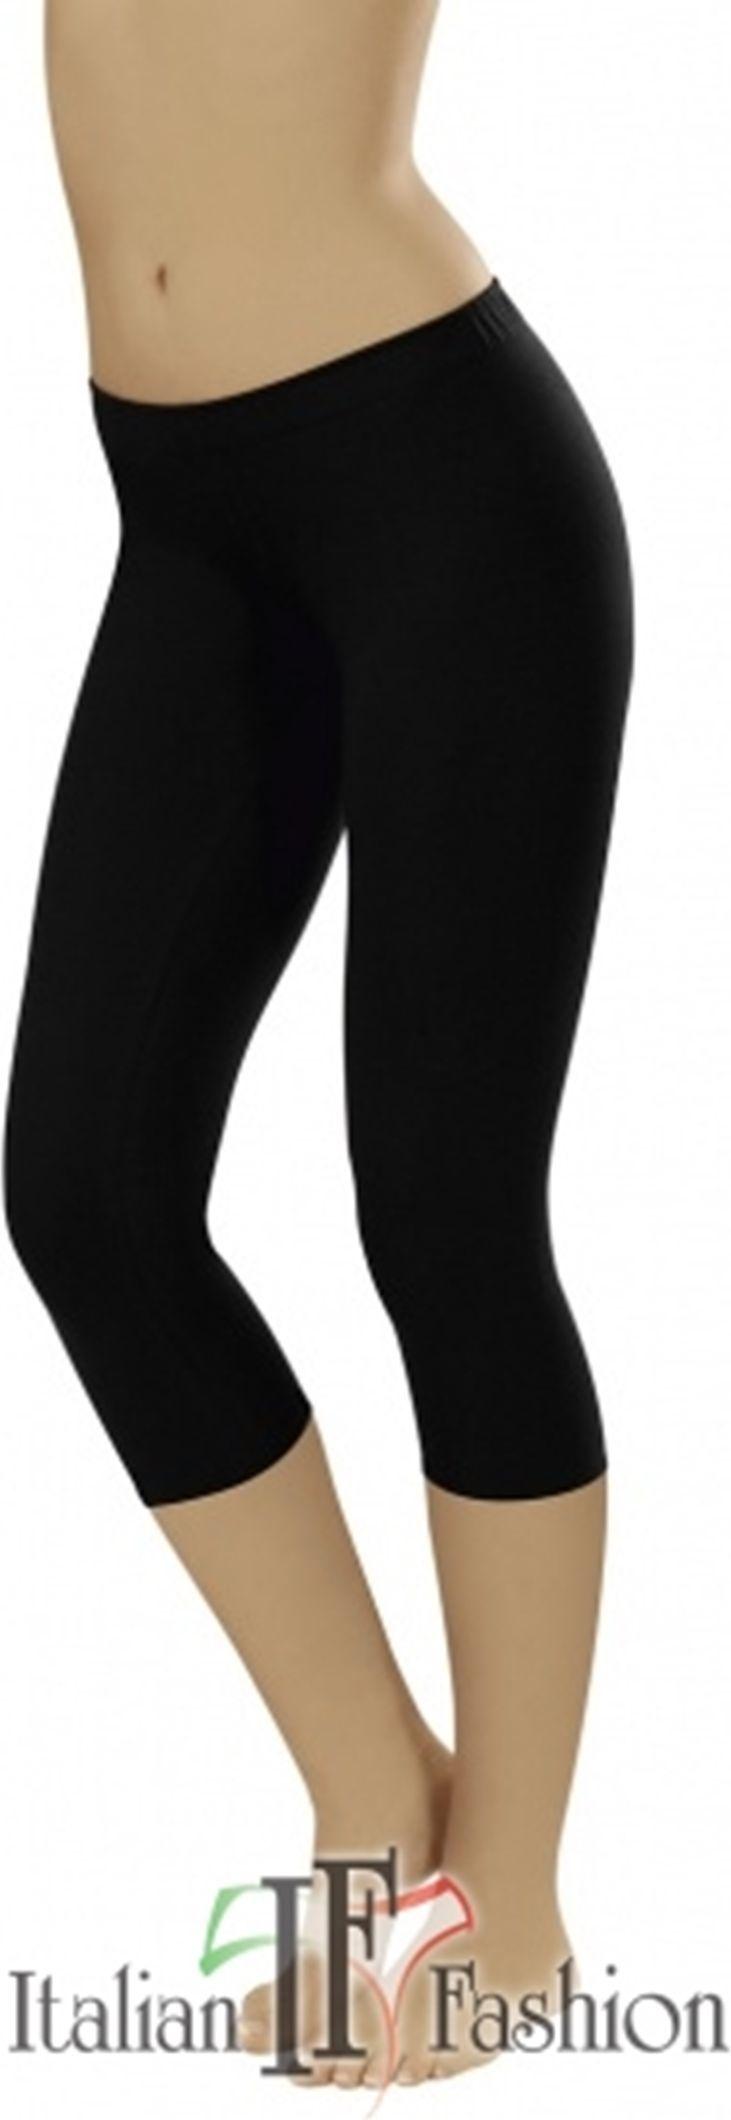 Italian fashion Legginsy 3/4 czarne L 1